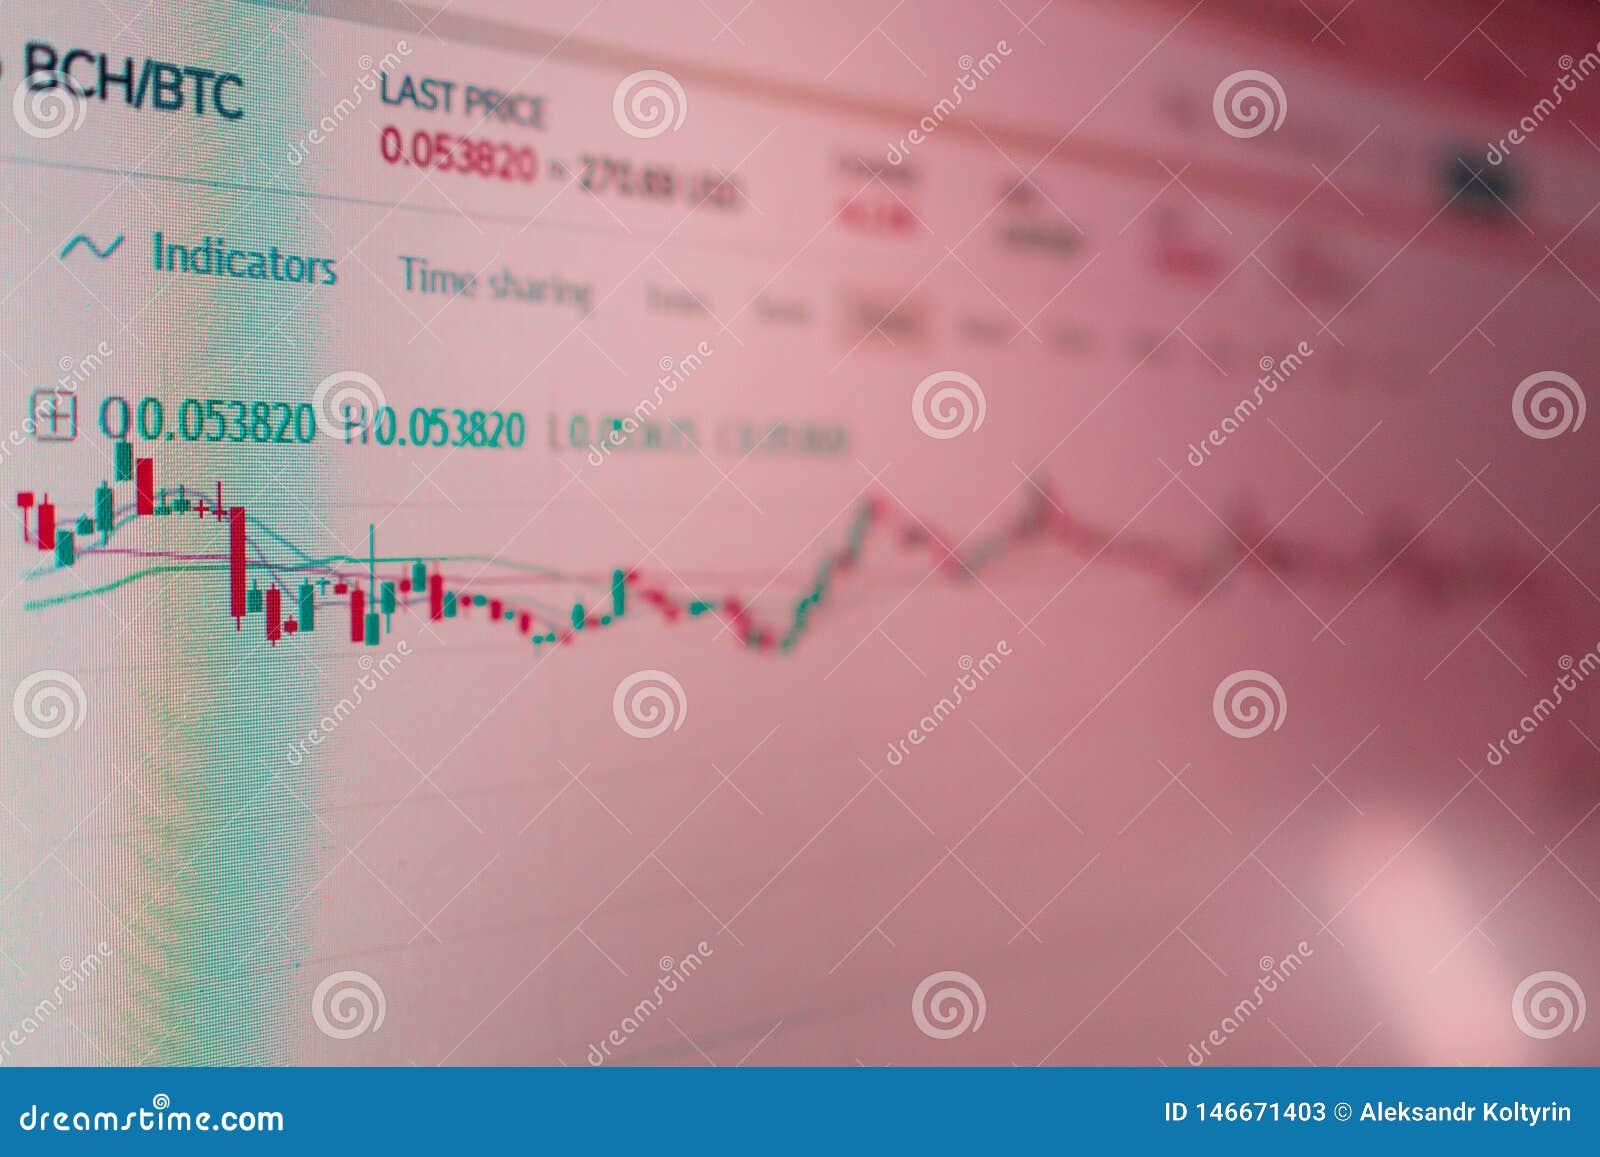 Podaniowy interfejs dla Bitcoin cryptocurrency handlu Fotografia ekran komputerowy lotno?? cryptocurrencies